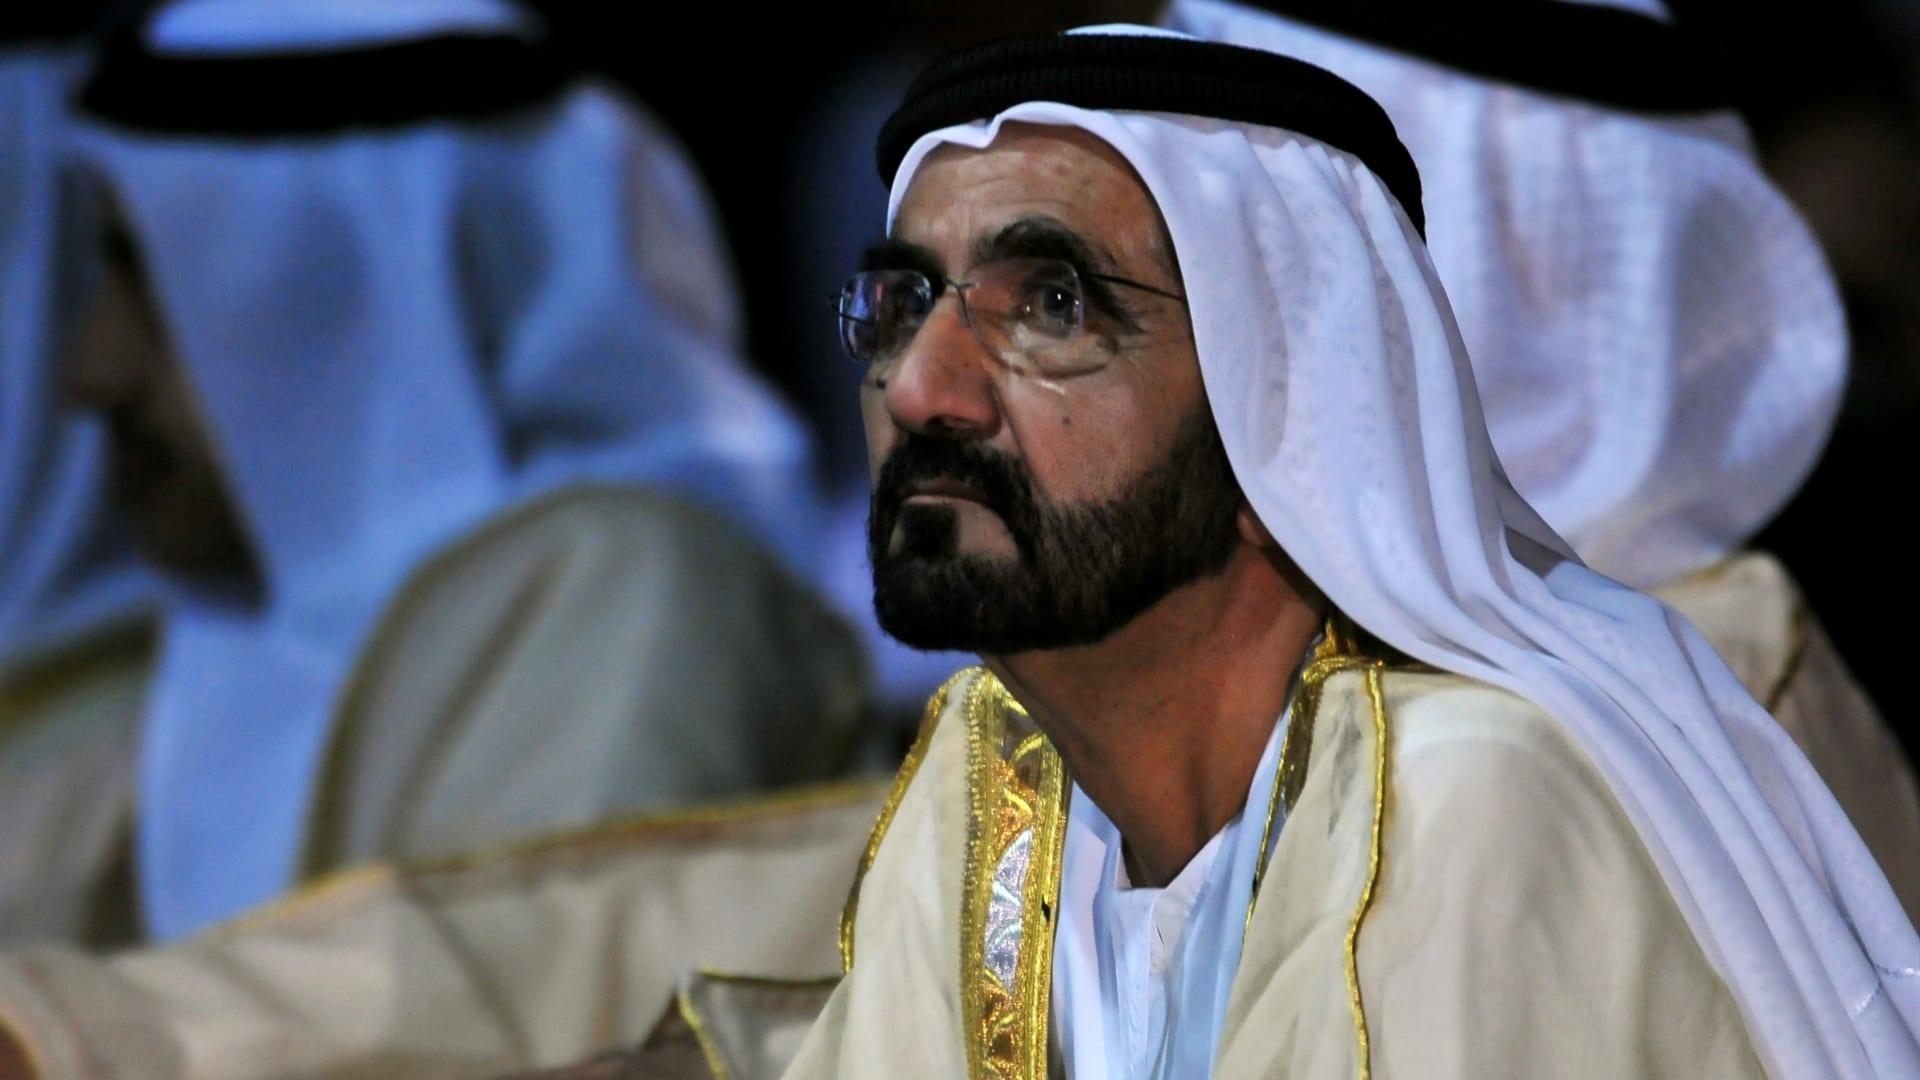 محمد بن راشد يعلن منهجية عمل جديدة وتشكيلًا جديدًا لحكومة الإمارات